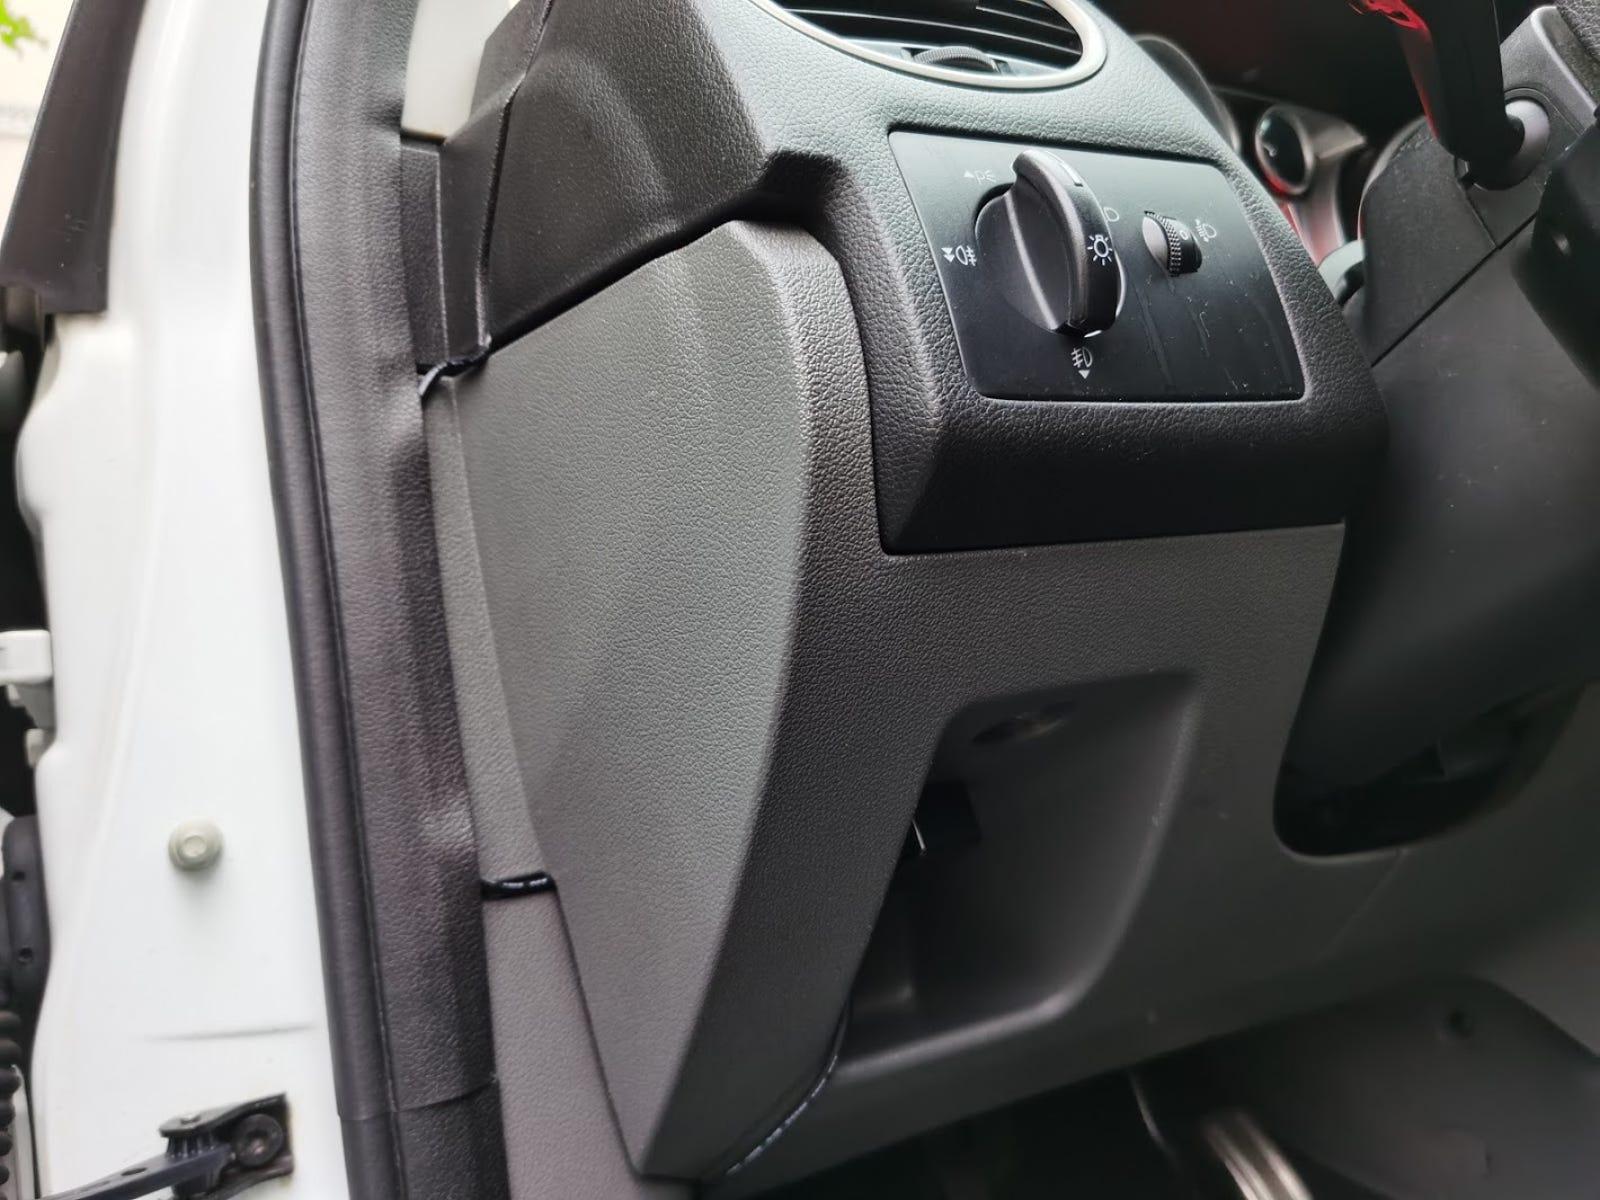 Detalle del puerto OBD en mi Ford Focus. Desde aquí es fácil pasar los cables por debajo de la goma y una ranura en la tapa superior del salpicadero sirve de guía hasta el centro del mismo.